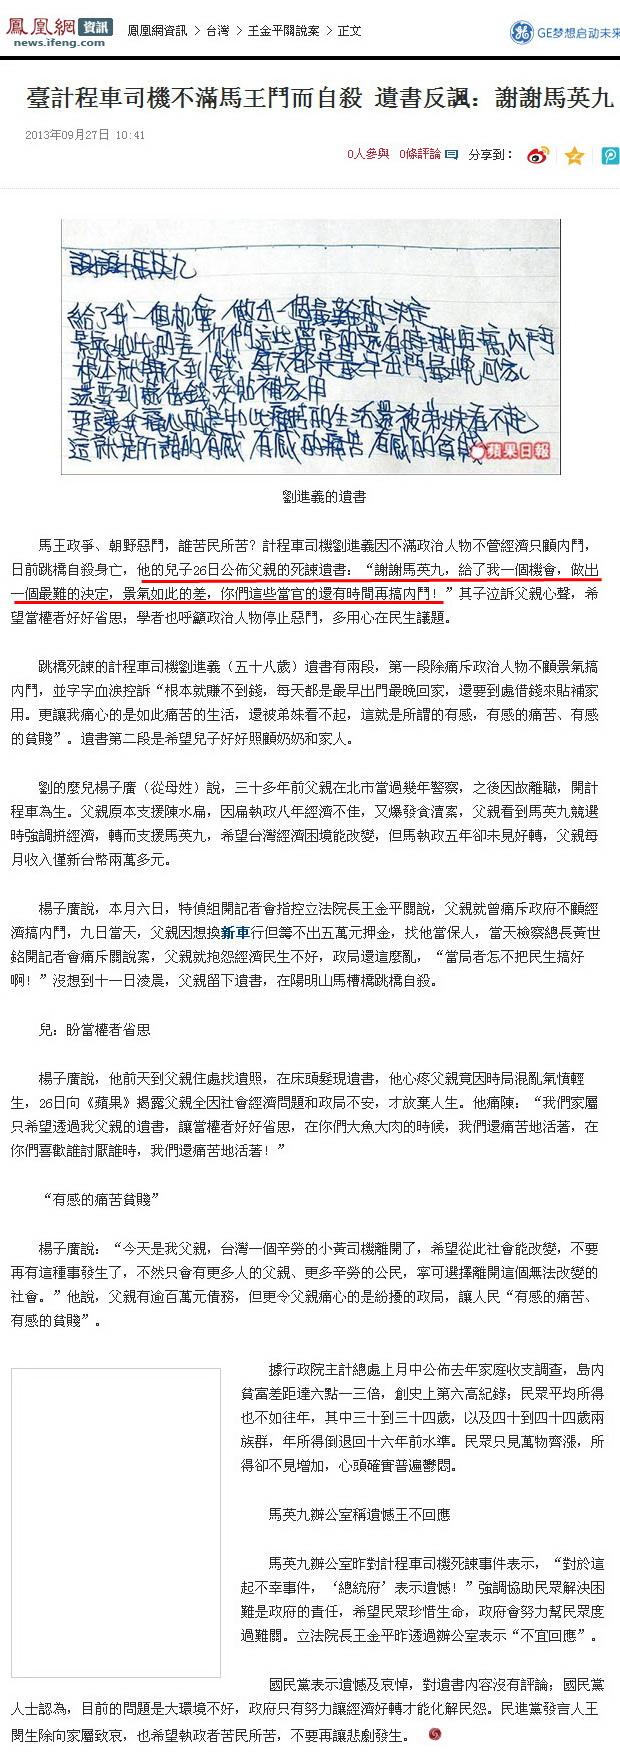 臺計程車司機不滿馬王鬥而自殺 遺書反諷:謝謝馬英九-2013.09,.27.jpg